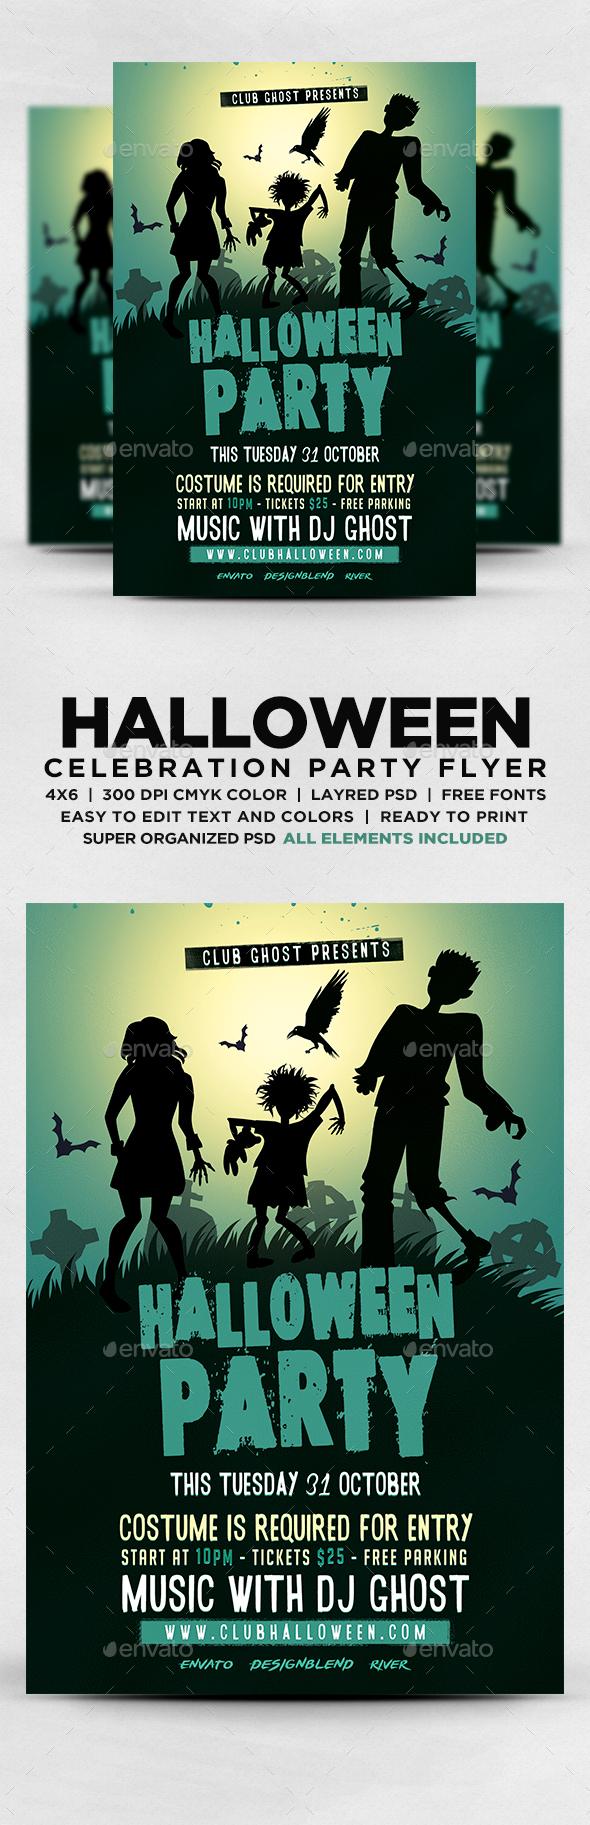 Bloody Halloween Flyer Template Moda Design 4 Studio Online